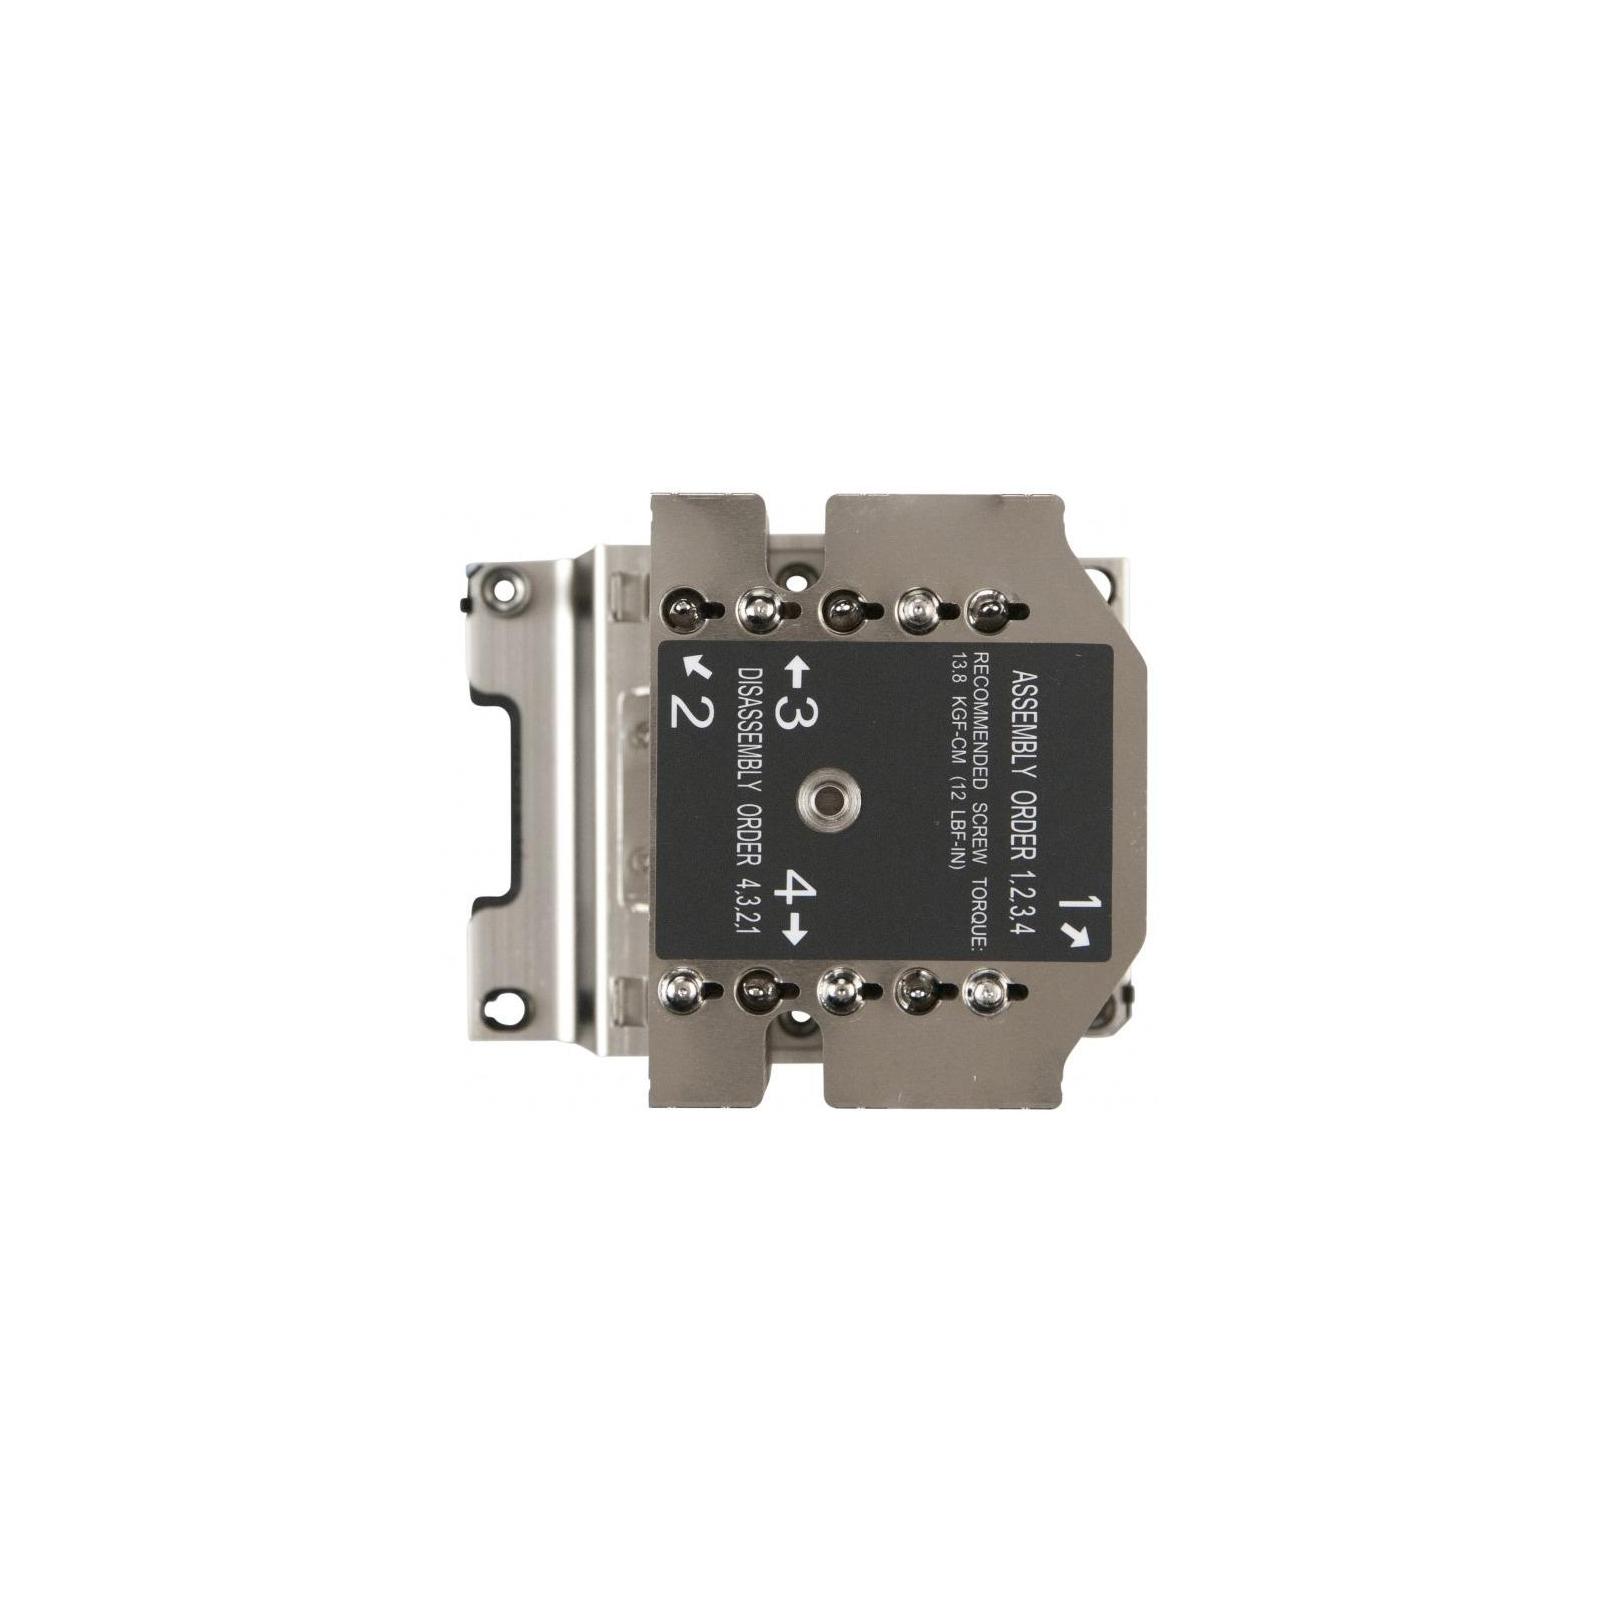 Кулер Supermicro SNK-P0070APS4/LGA3647/4U Active (SNK-P0070APS4) изображение 4